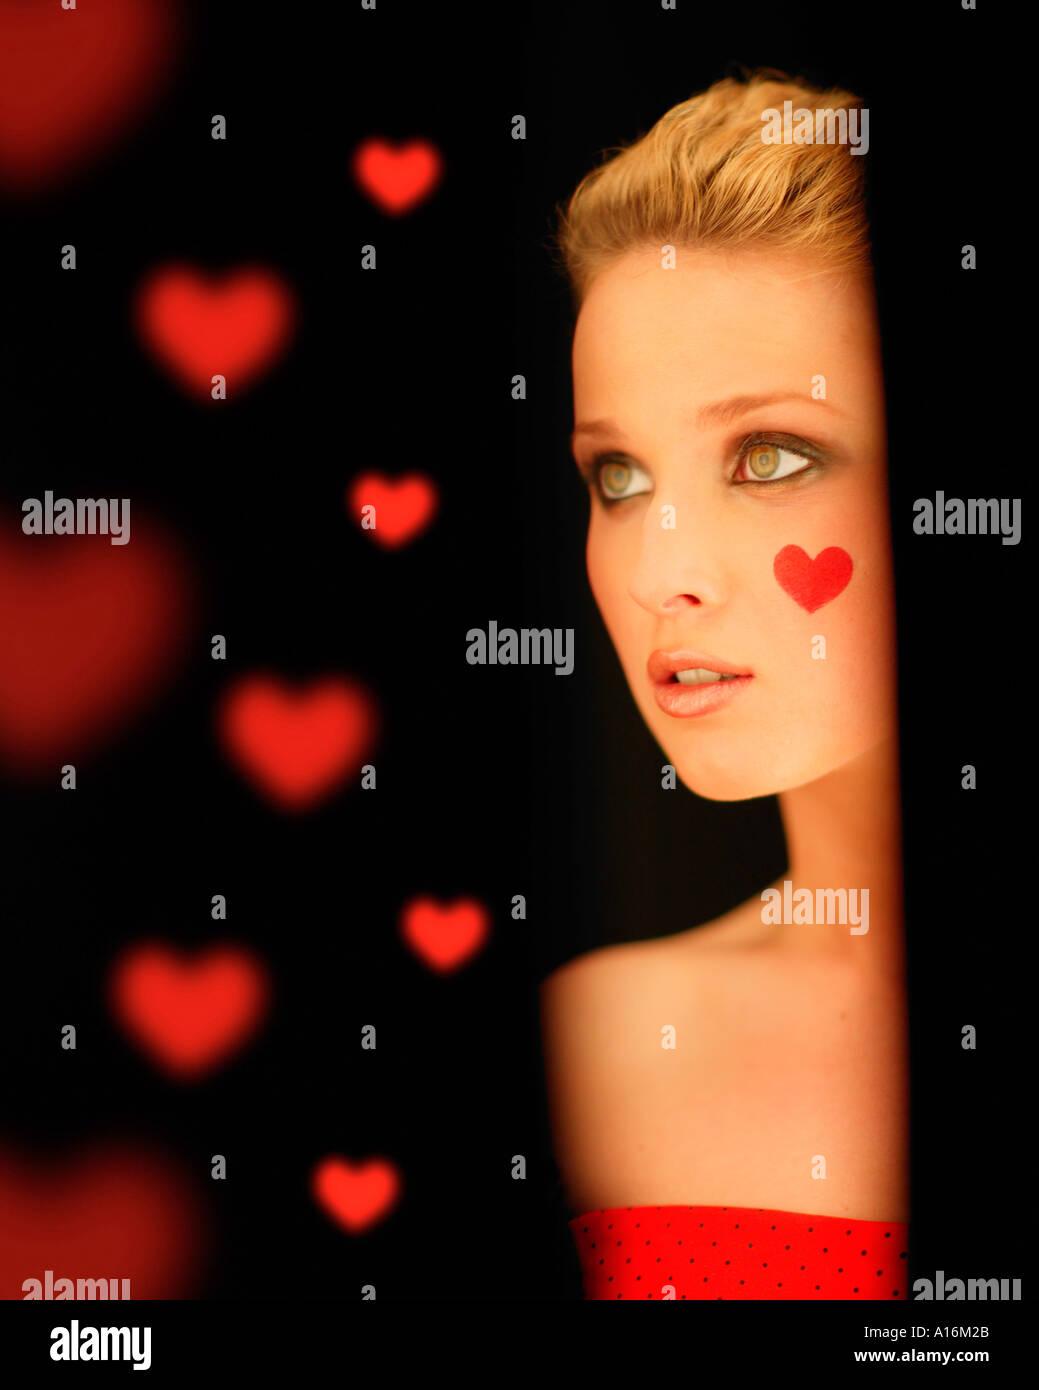 Retrato de una joven 18, 19, 20, 21, 20-24, 24-29, 30-34, de edad con corazón rojo pintado en su mejilla Foto de stock